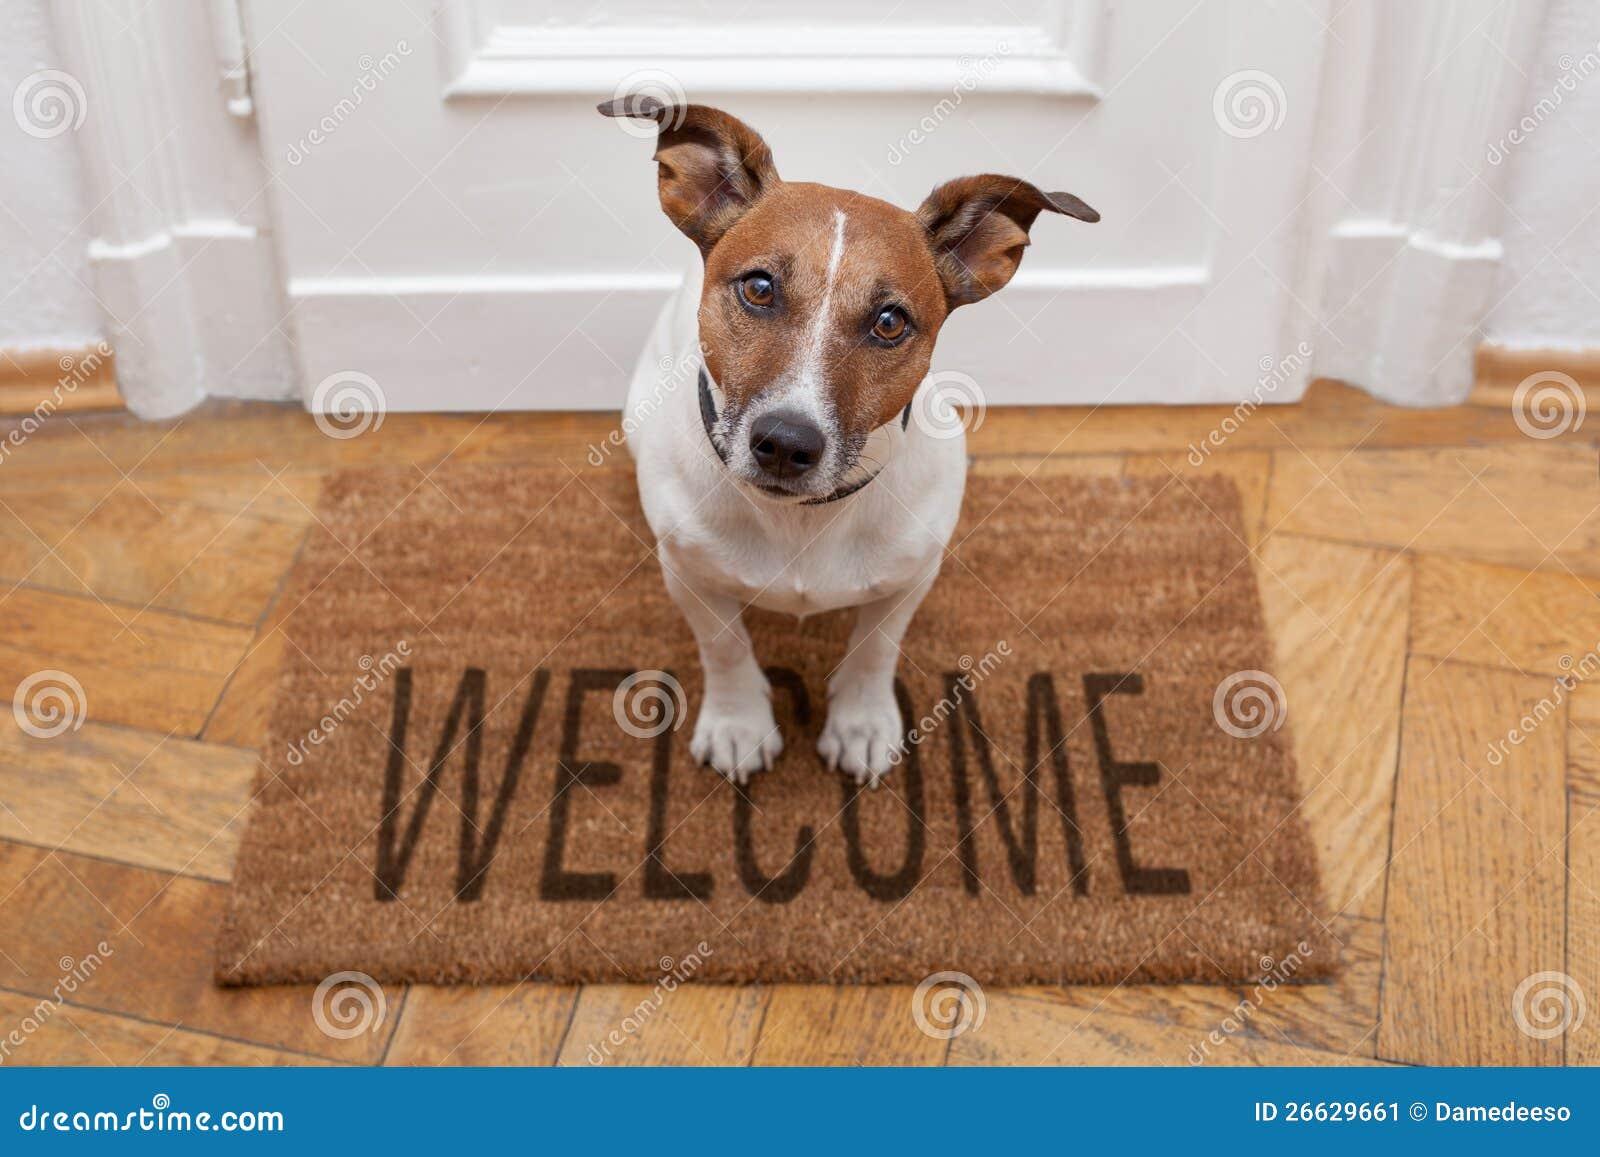 Välkommen utgångspunkt för hund